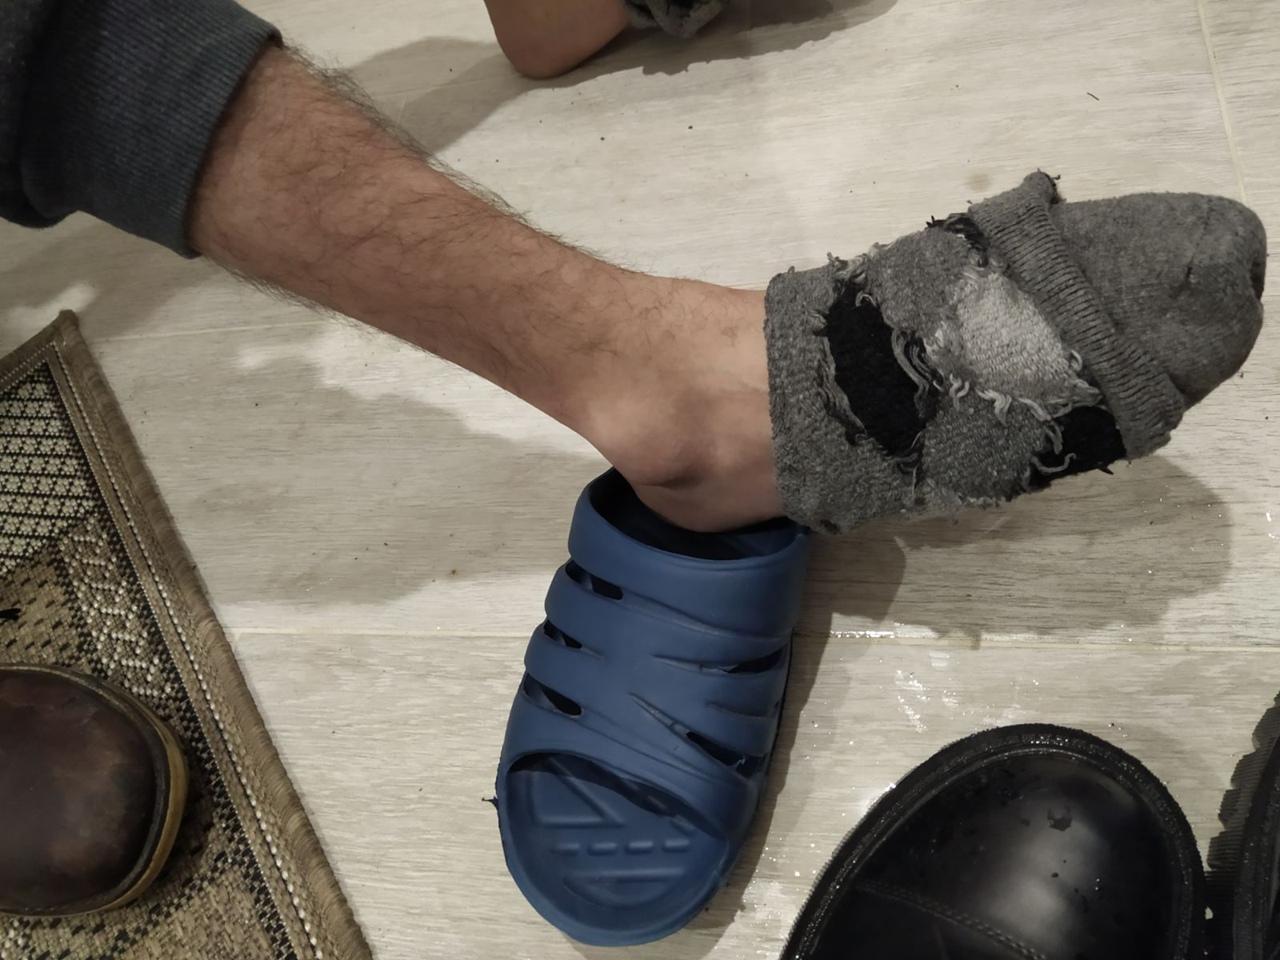 Парень из Янино, сломавший ногу при попытке сесть в автобус, хочет наказать водителя Молодой челове...